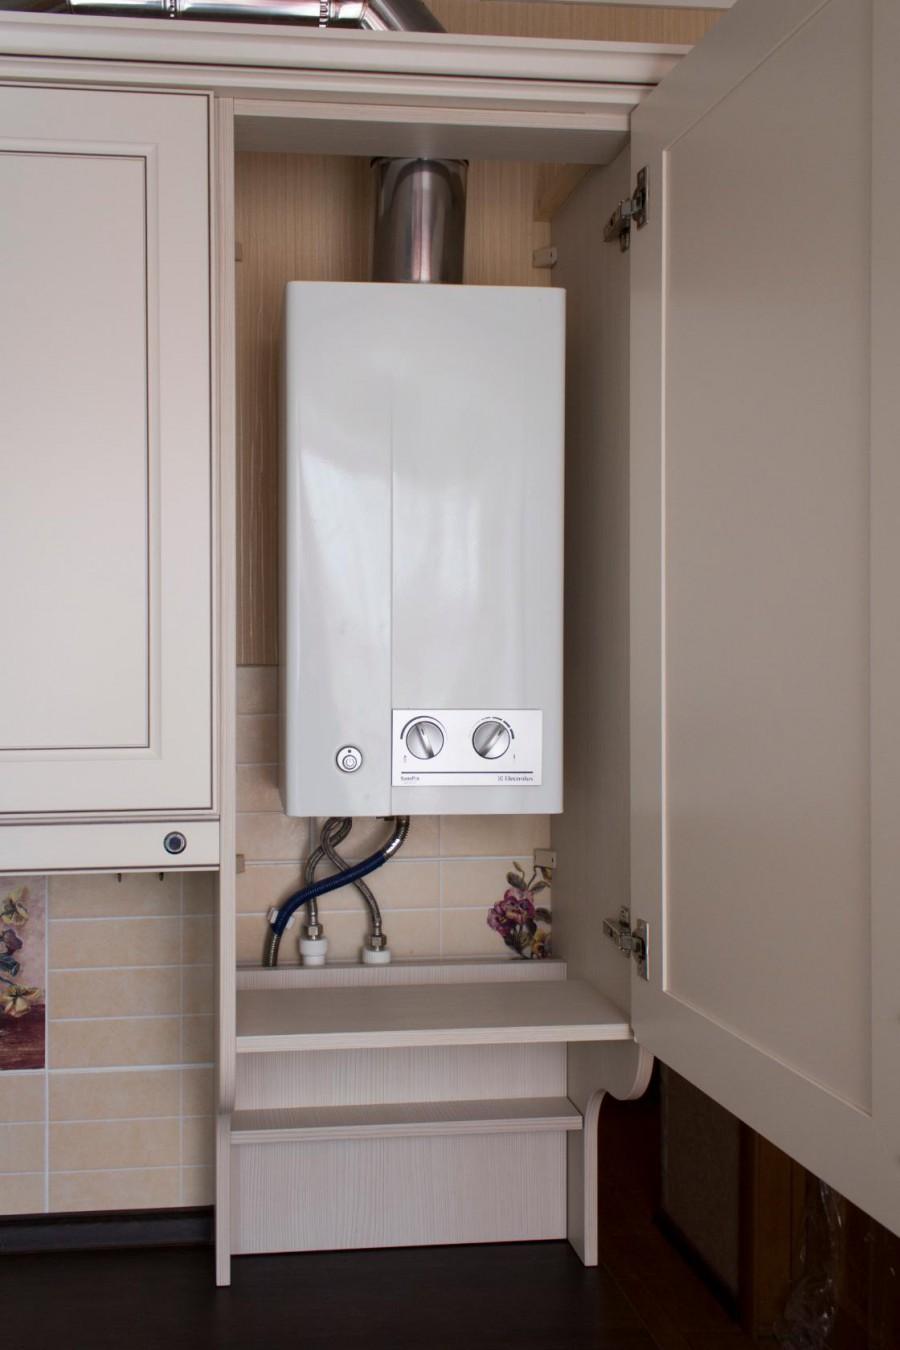 что как спрятать газовый котел на кухне фото размещение колоколов